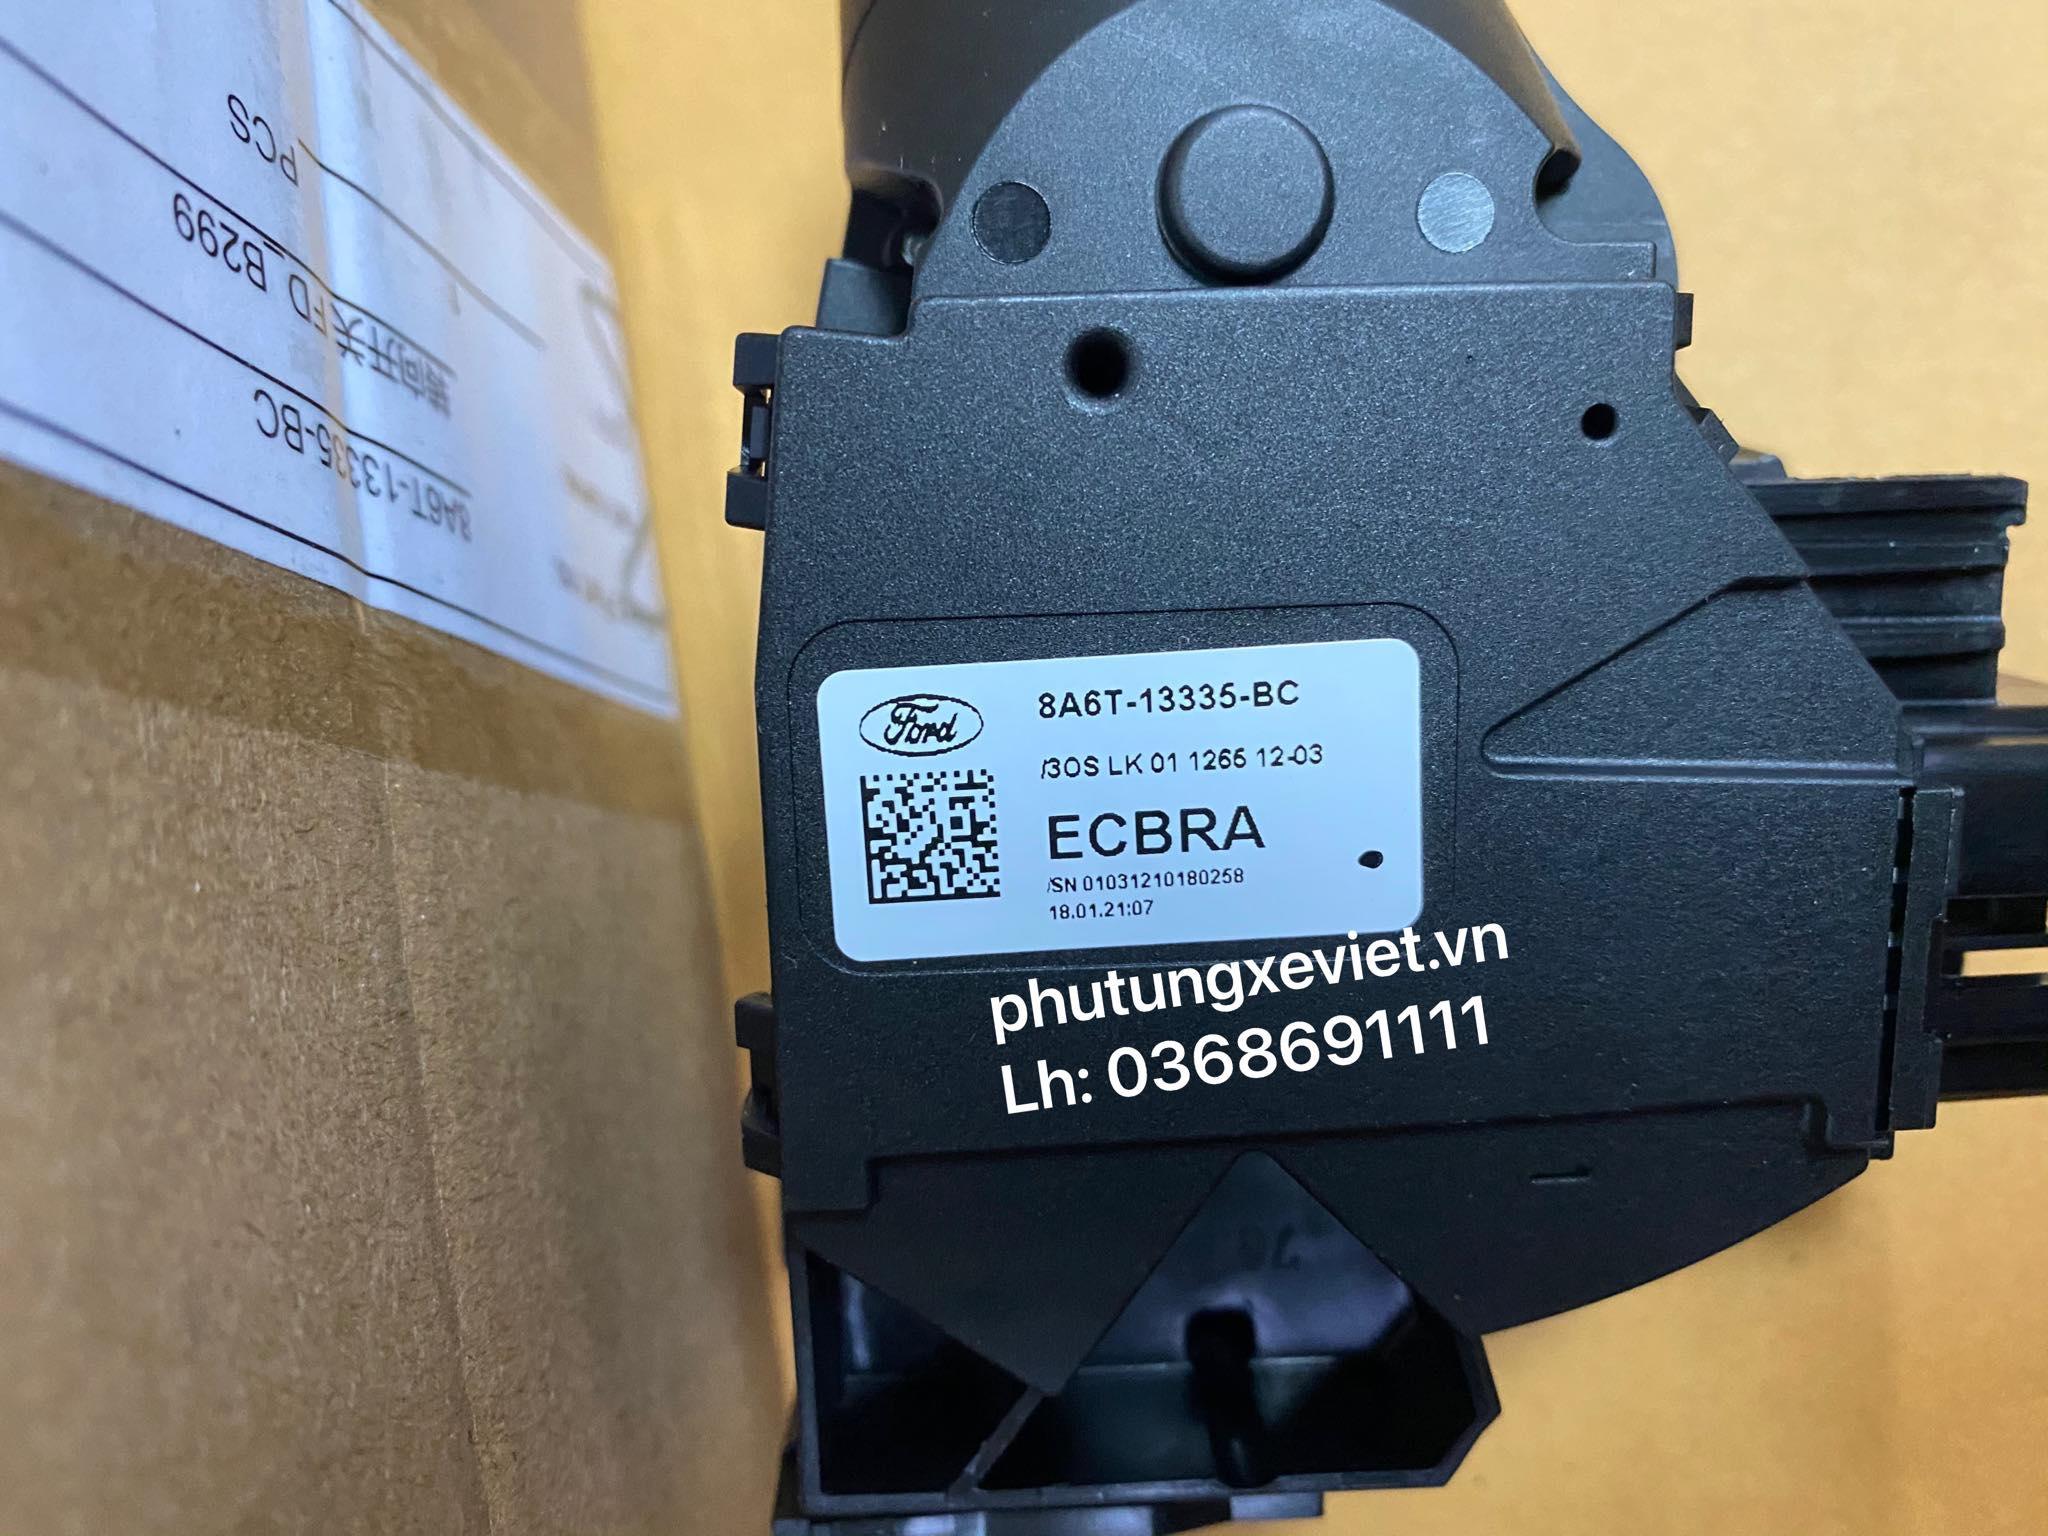 Công tắc đèn xi nhan Ford Fiesta / 8A6T-13335-BC3